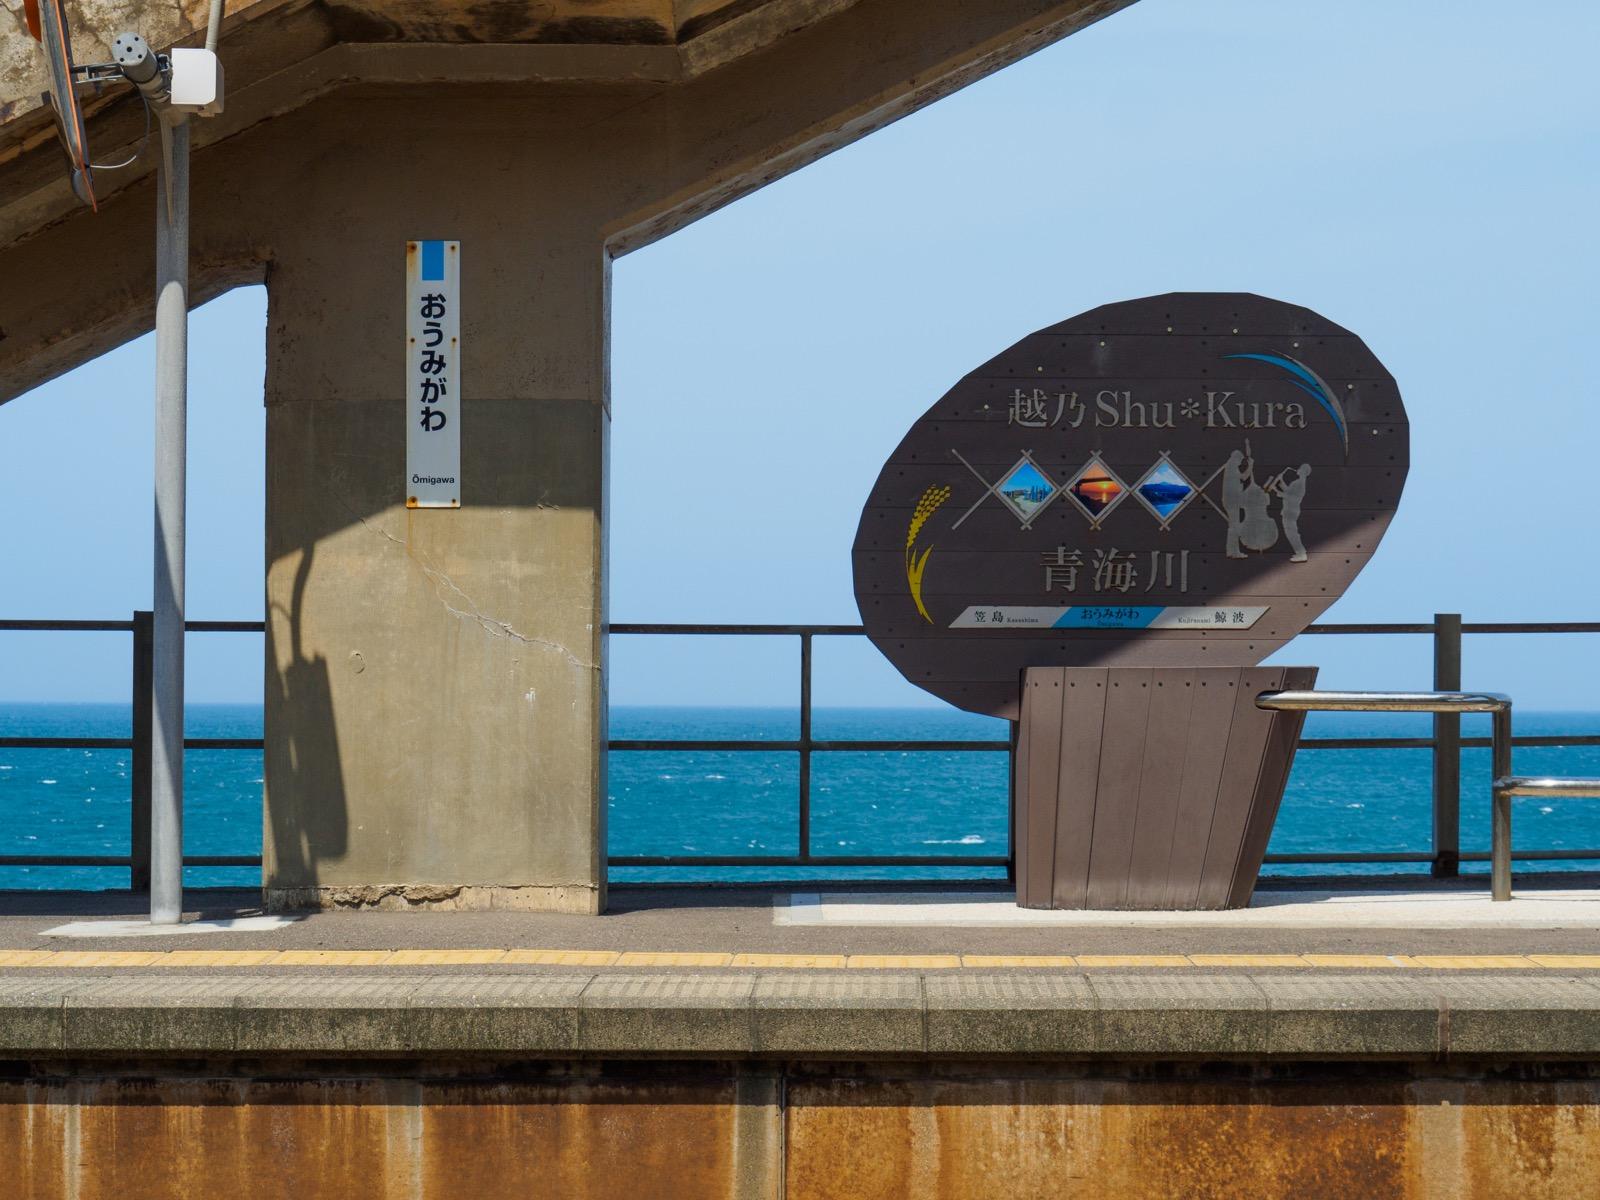 青海川駅にある、観光列車「越乃Shu*Kura」運行に合わせて設置された看板